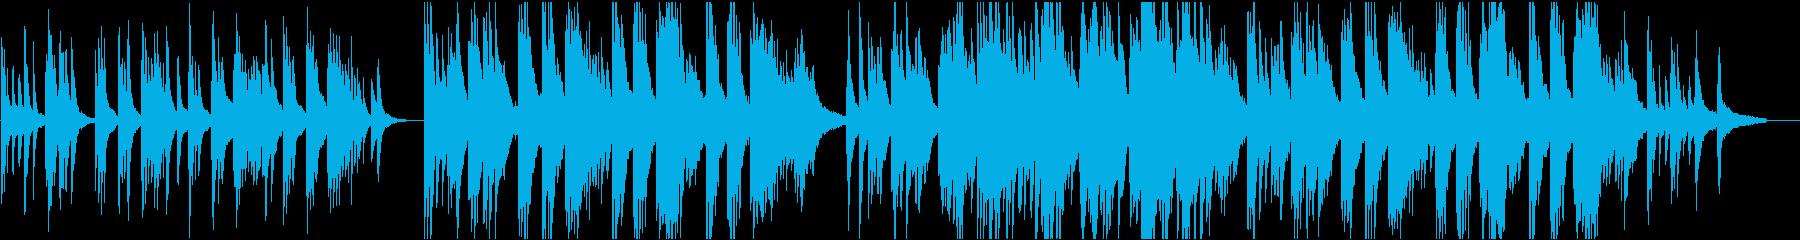 優しい 16bit44.1kHzVerの再生済みの波形